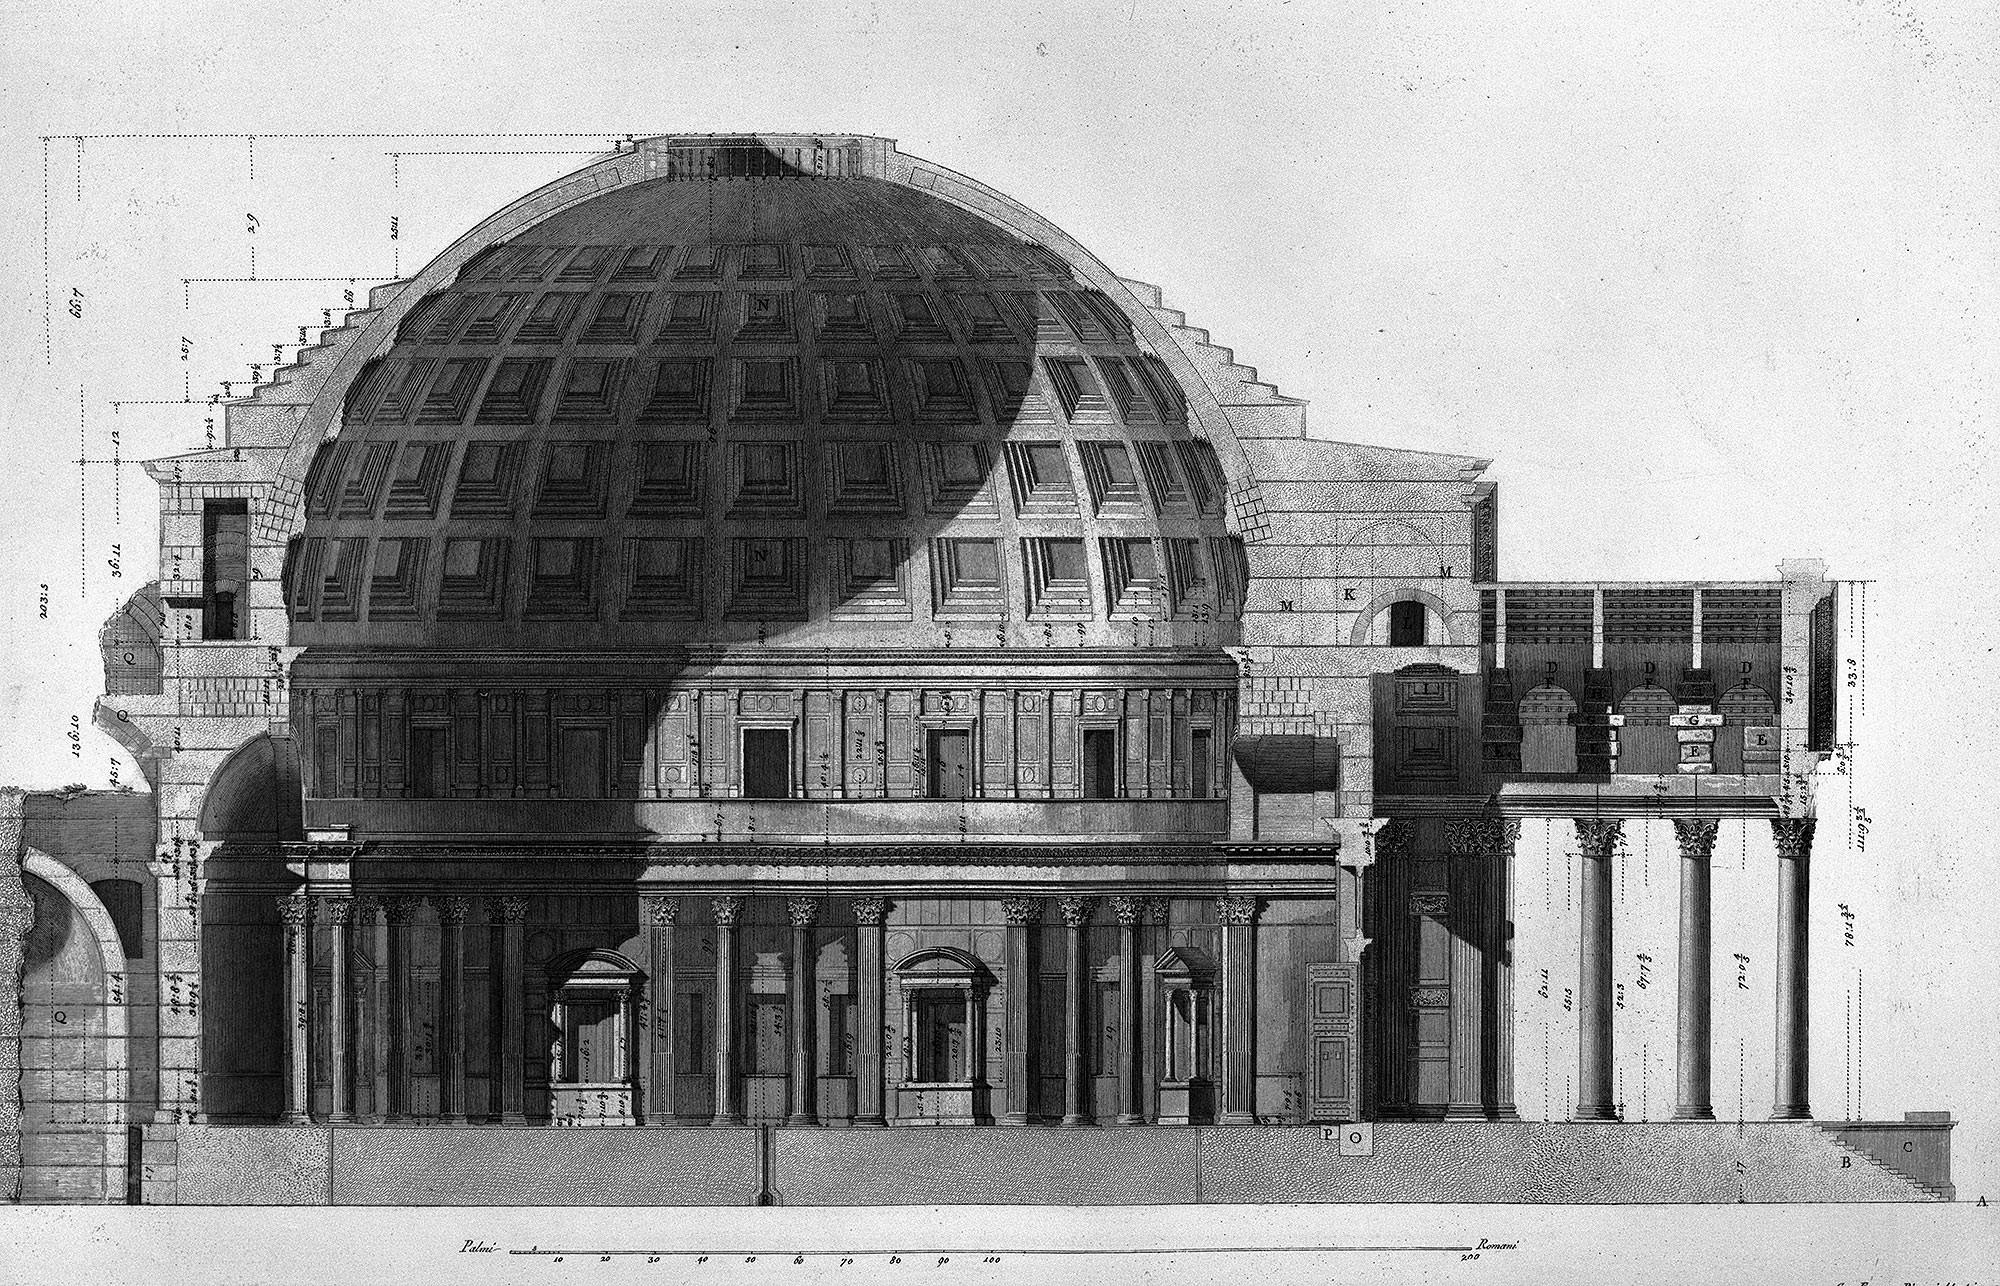 Querschnitt des Pantheons, Giovanni Battista Piranesi